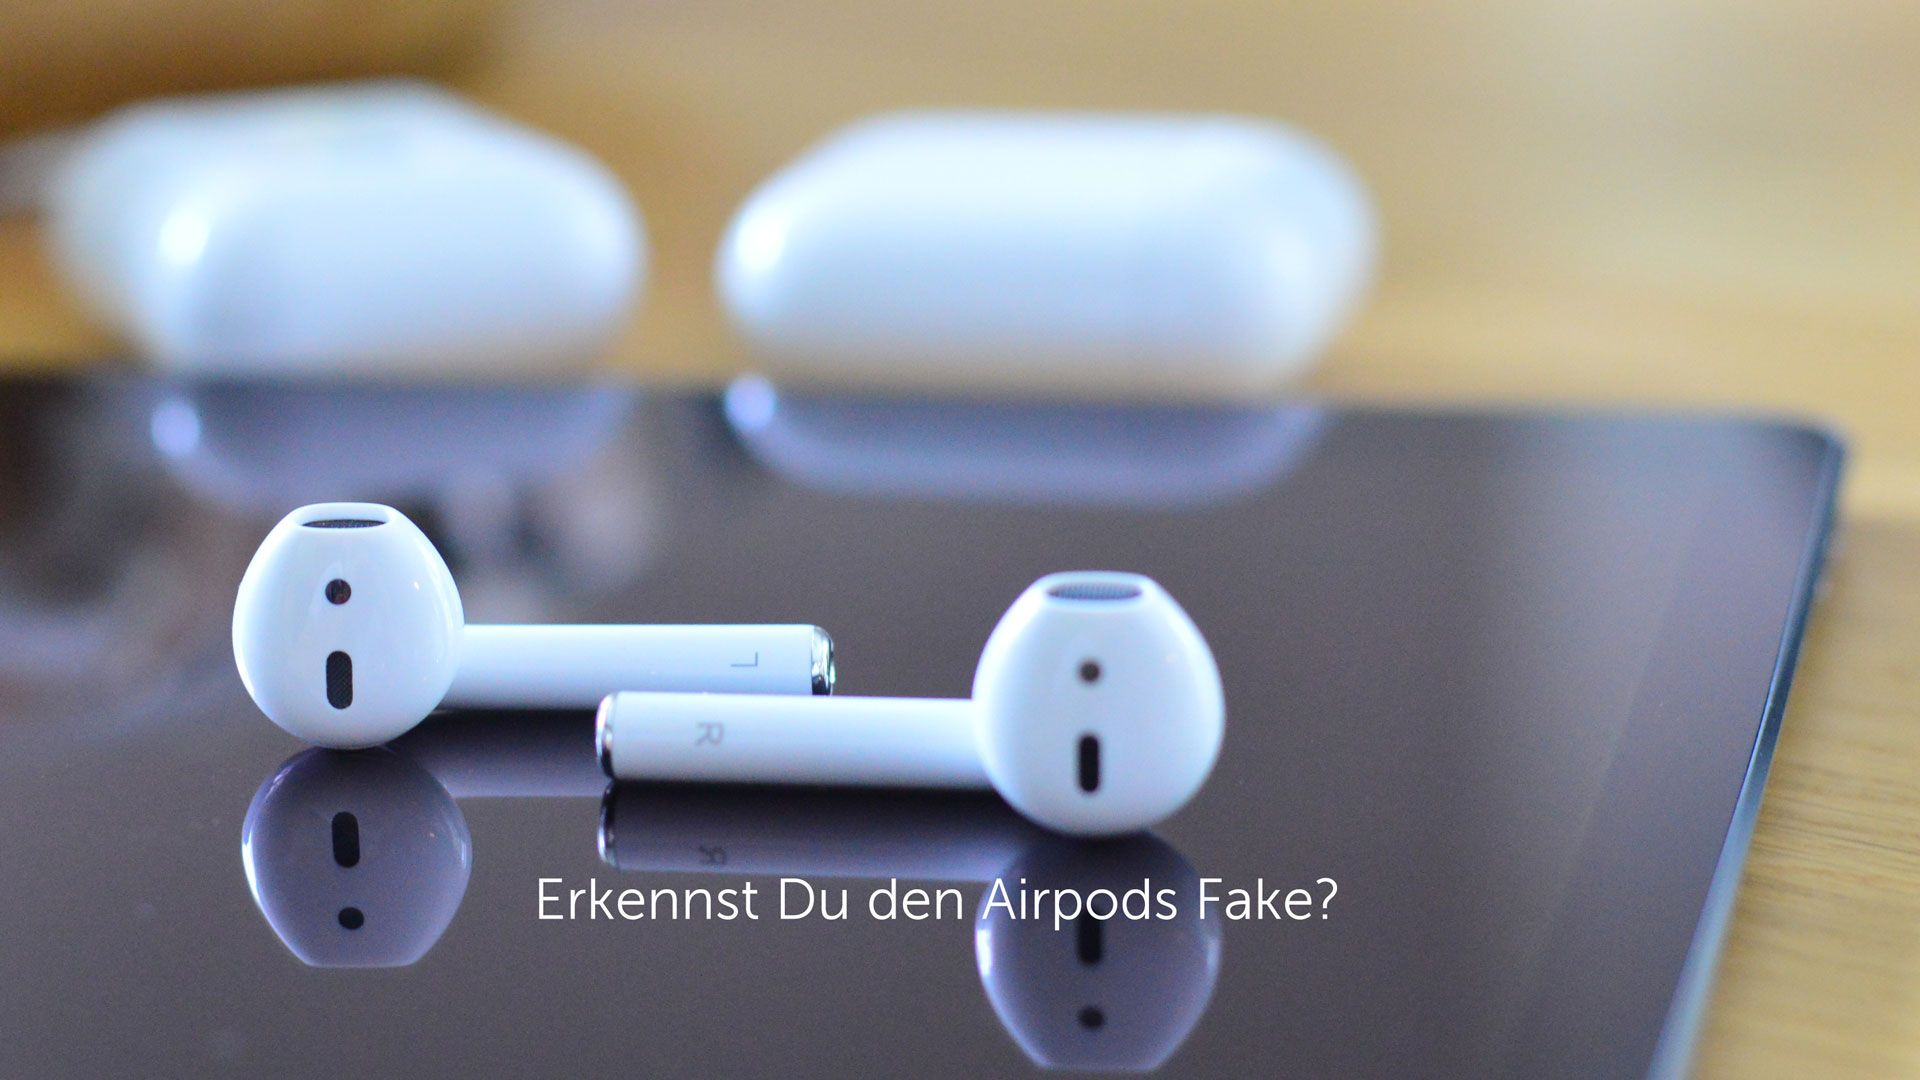 Wenn Du Die Airpods Billig Kaufen Willst Dann Kommst Du Nicht An Einem Airpods Fake Vorbei Doch Wie Gut Sind Die Billig Kaufen Und Dann Kamst Du Wolle Kaufen